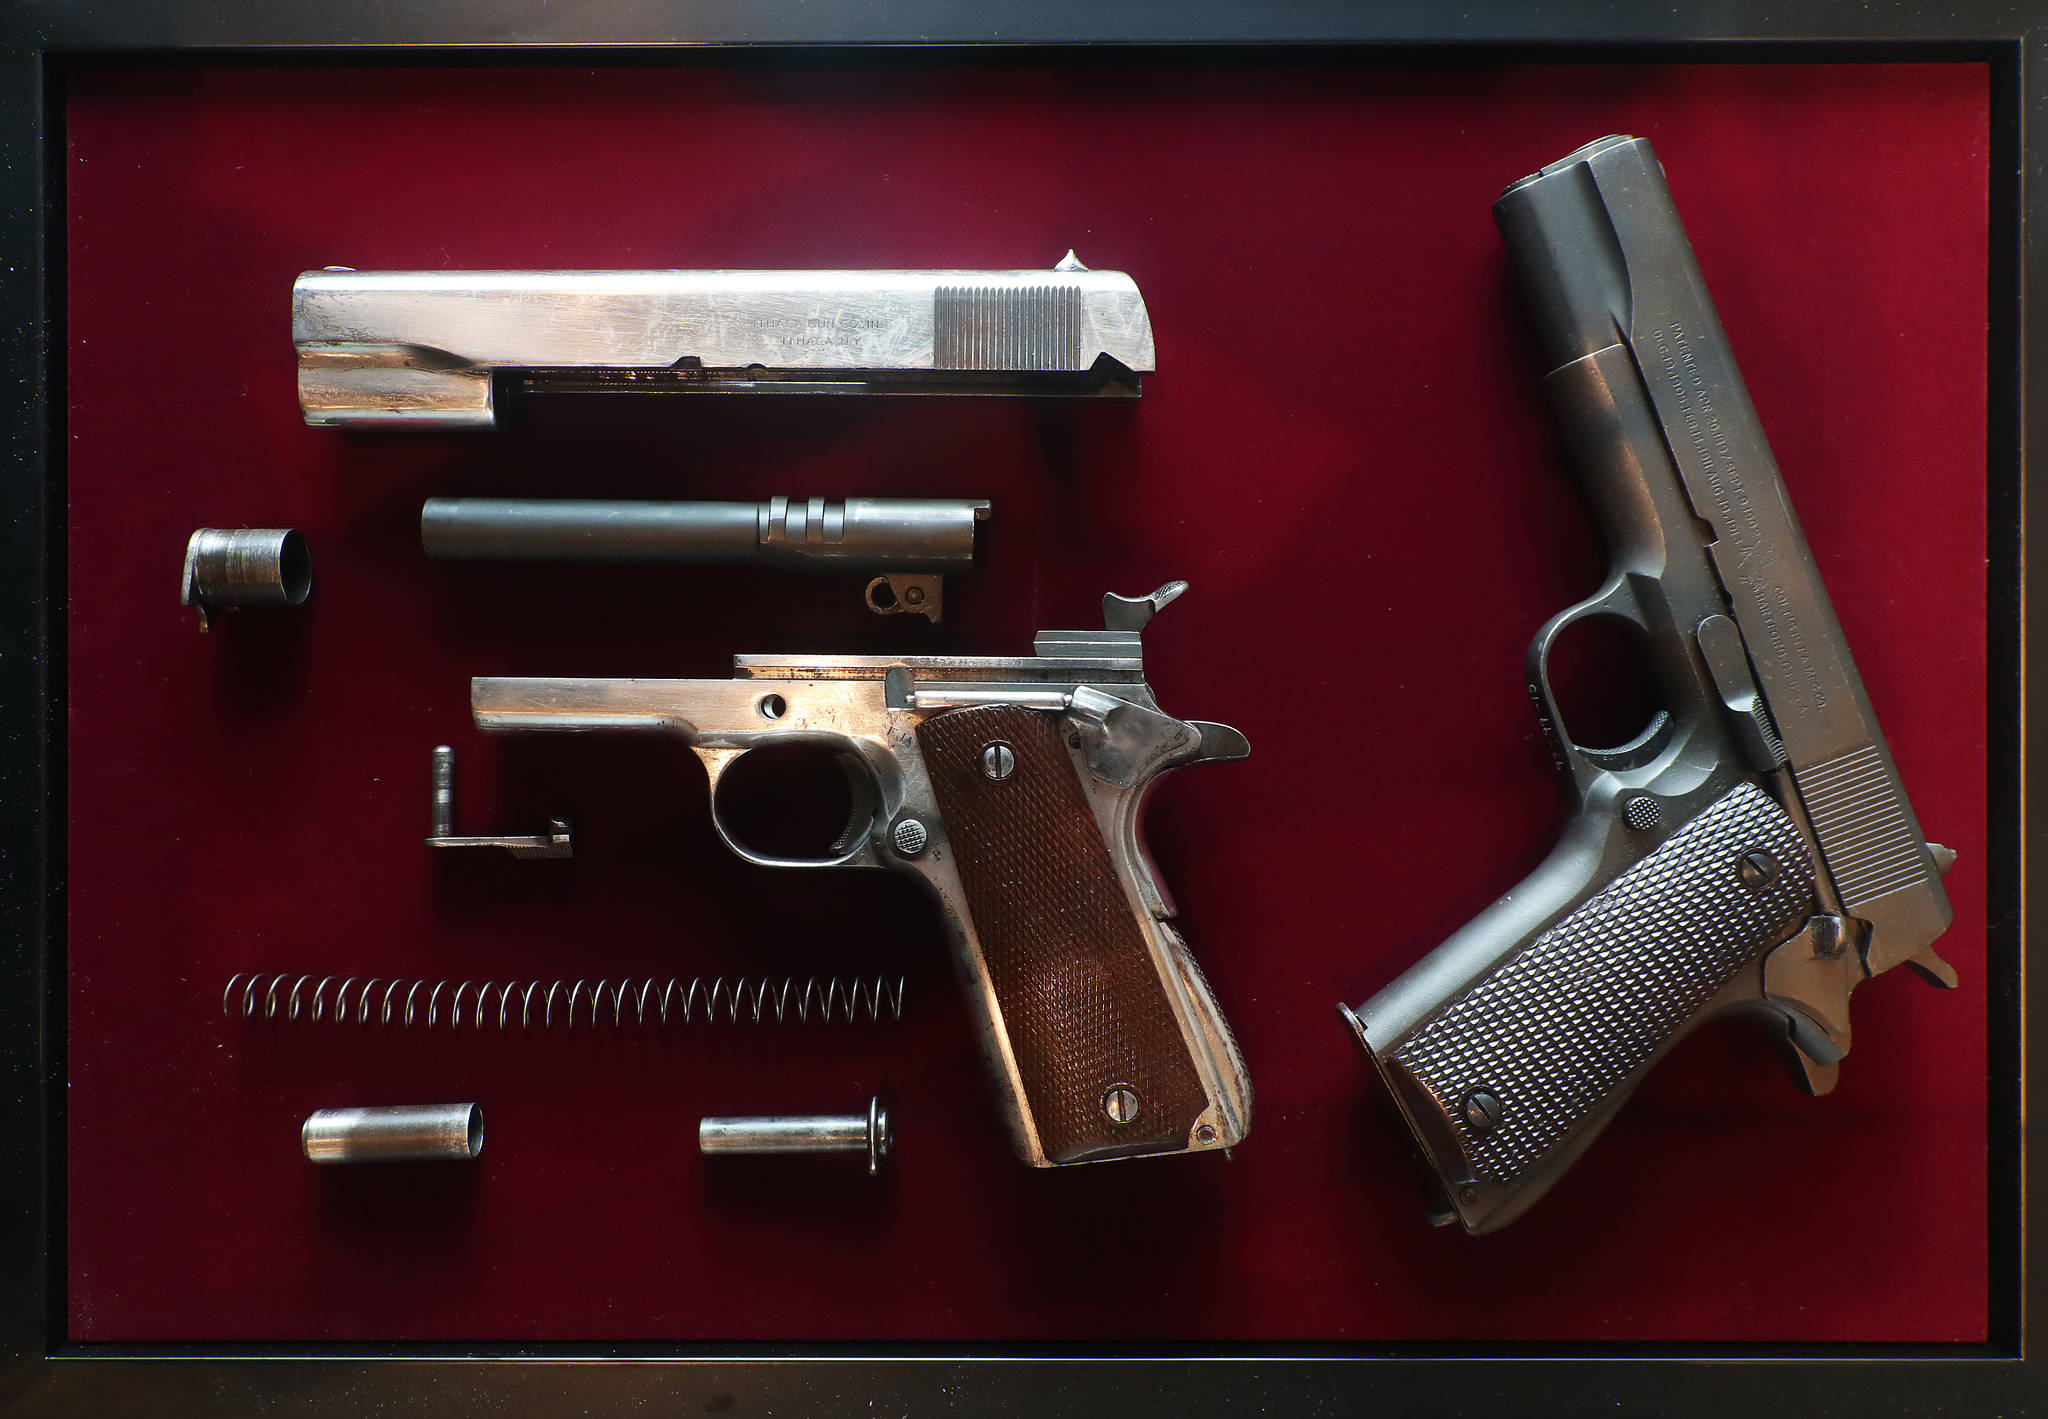 [서소문사진관]대한민국 1호 권총부터 안중근 저격총까지..콜트 1911전